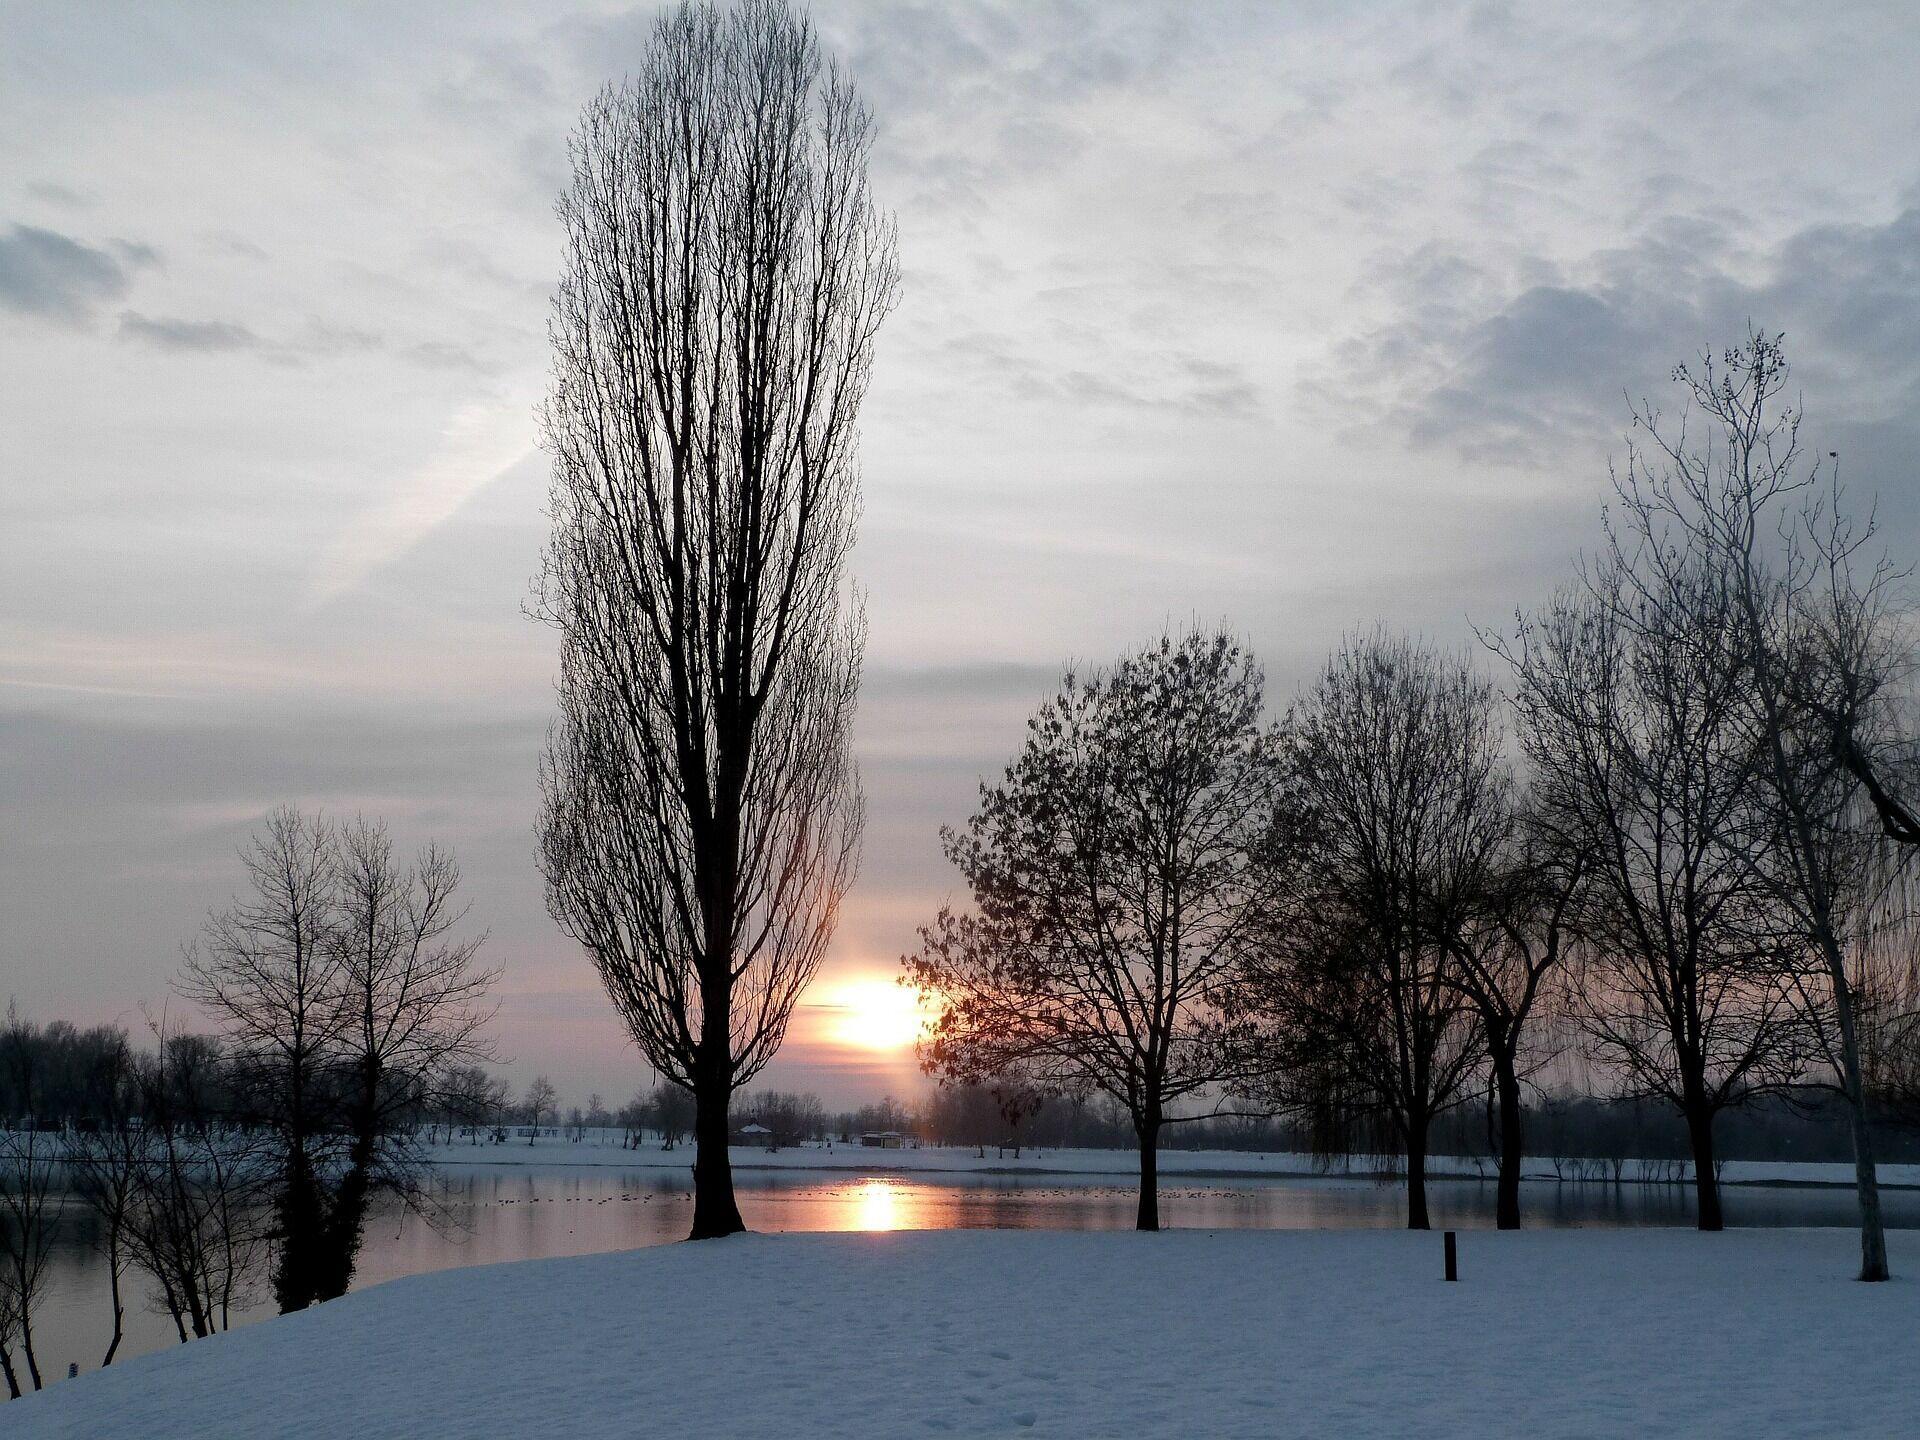 На Михаила снег идет – к снегопаду на Пасху